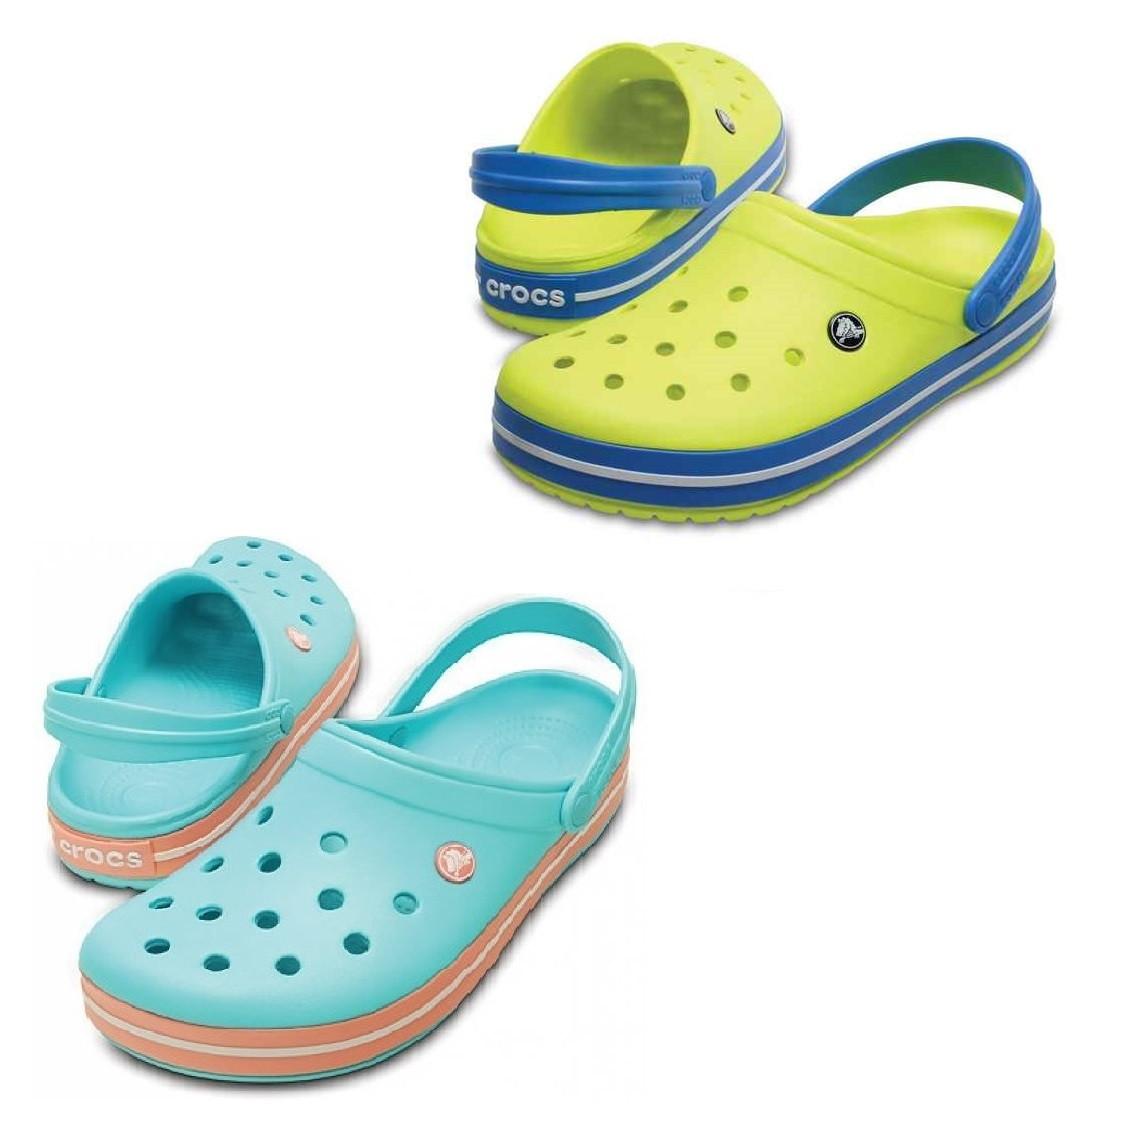 46418715e44c Кроксы женские шлепанцы Крокбенд Сабо оригинал / Crocs Crocband Clog